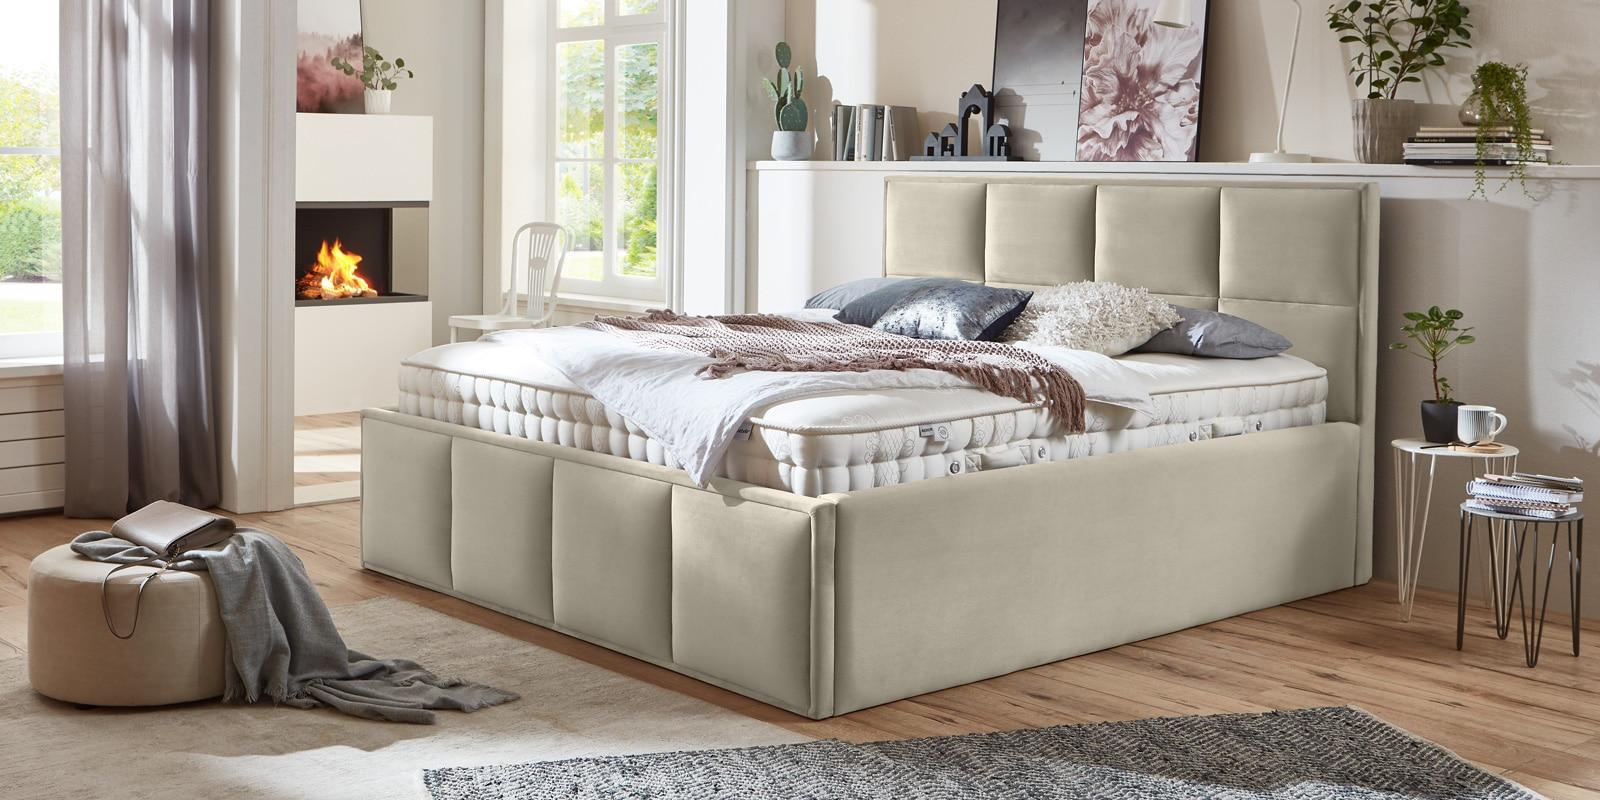 Bett mit Bettkasten Neptun XXL Samt altweiß Stauraumbett Queransicht